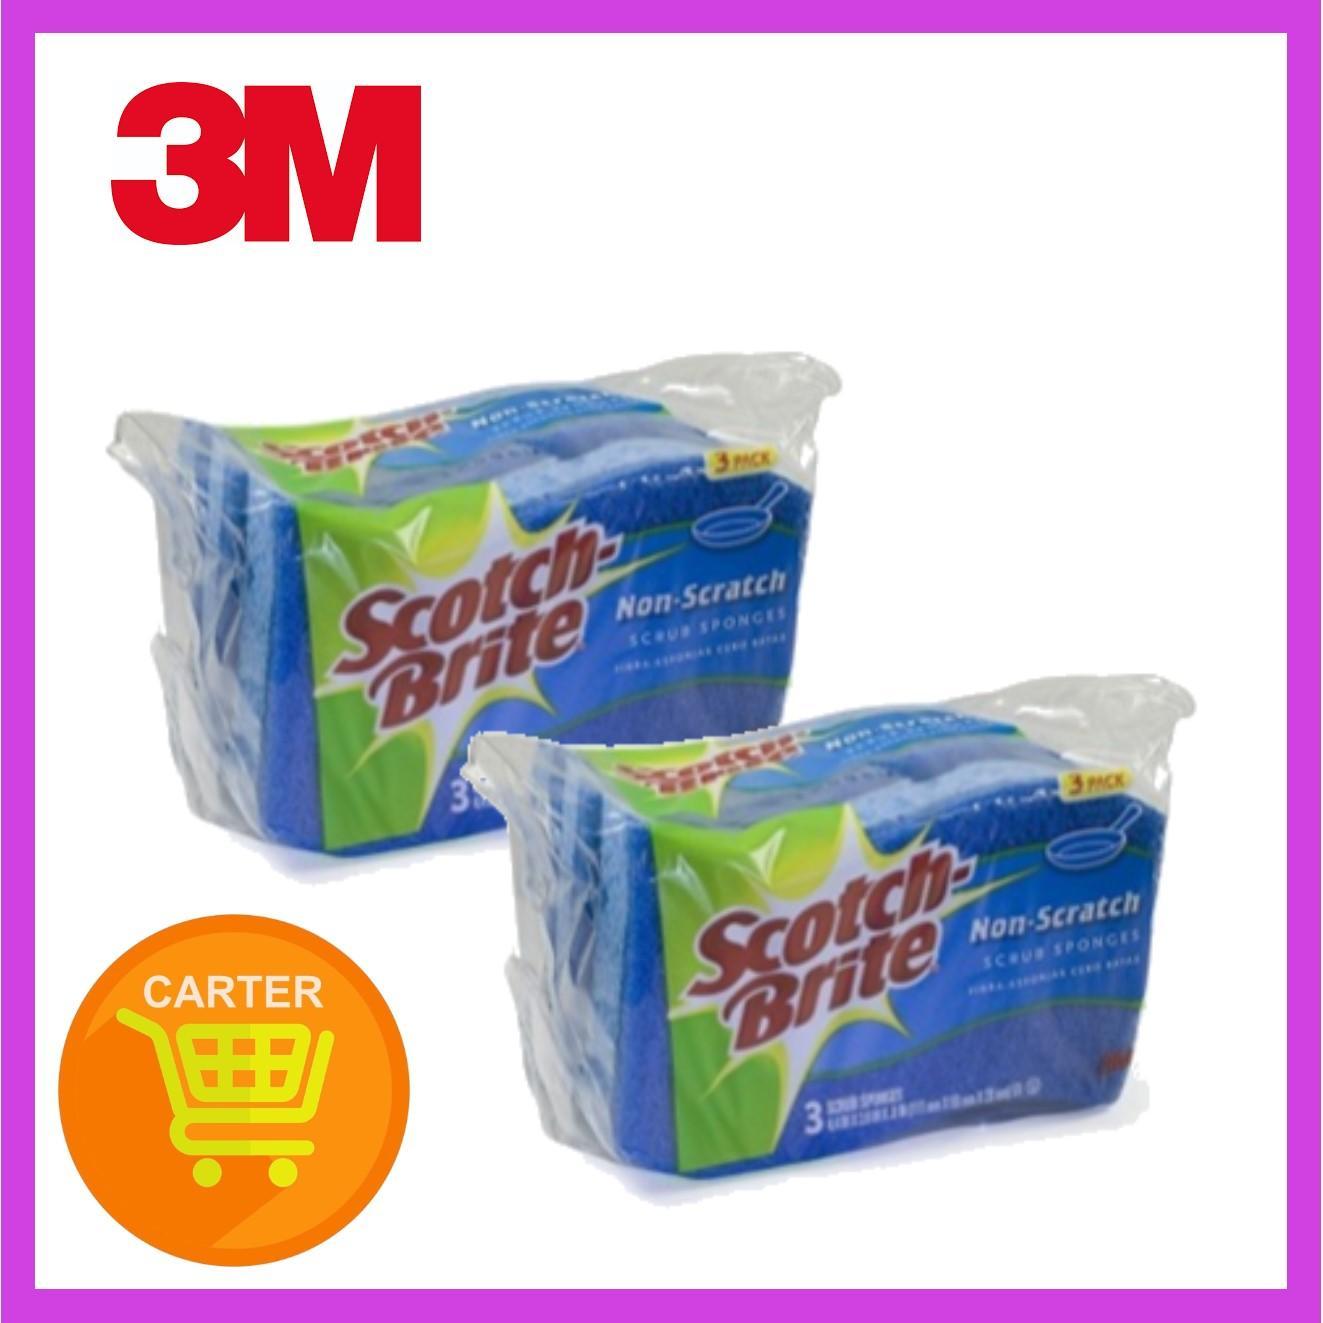 3M SCOTCH BRITE MP SCRUB-SPONGE 520-3 3PPP x (2 PacK)